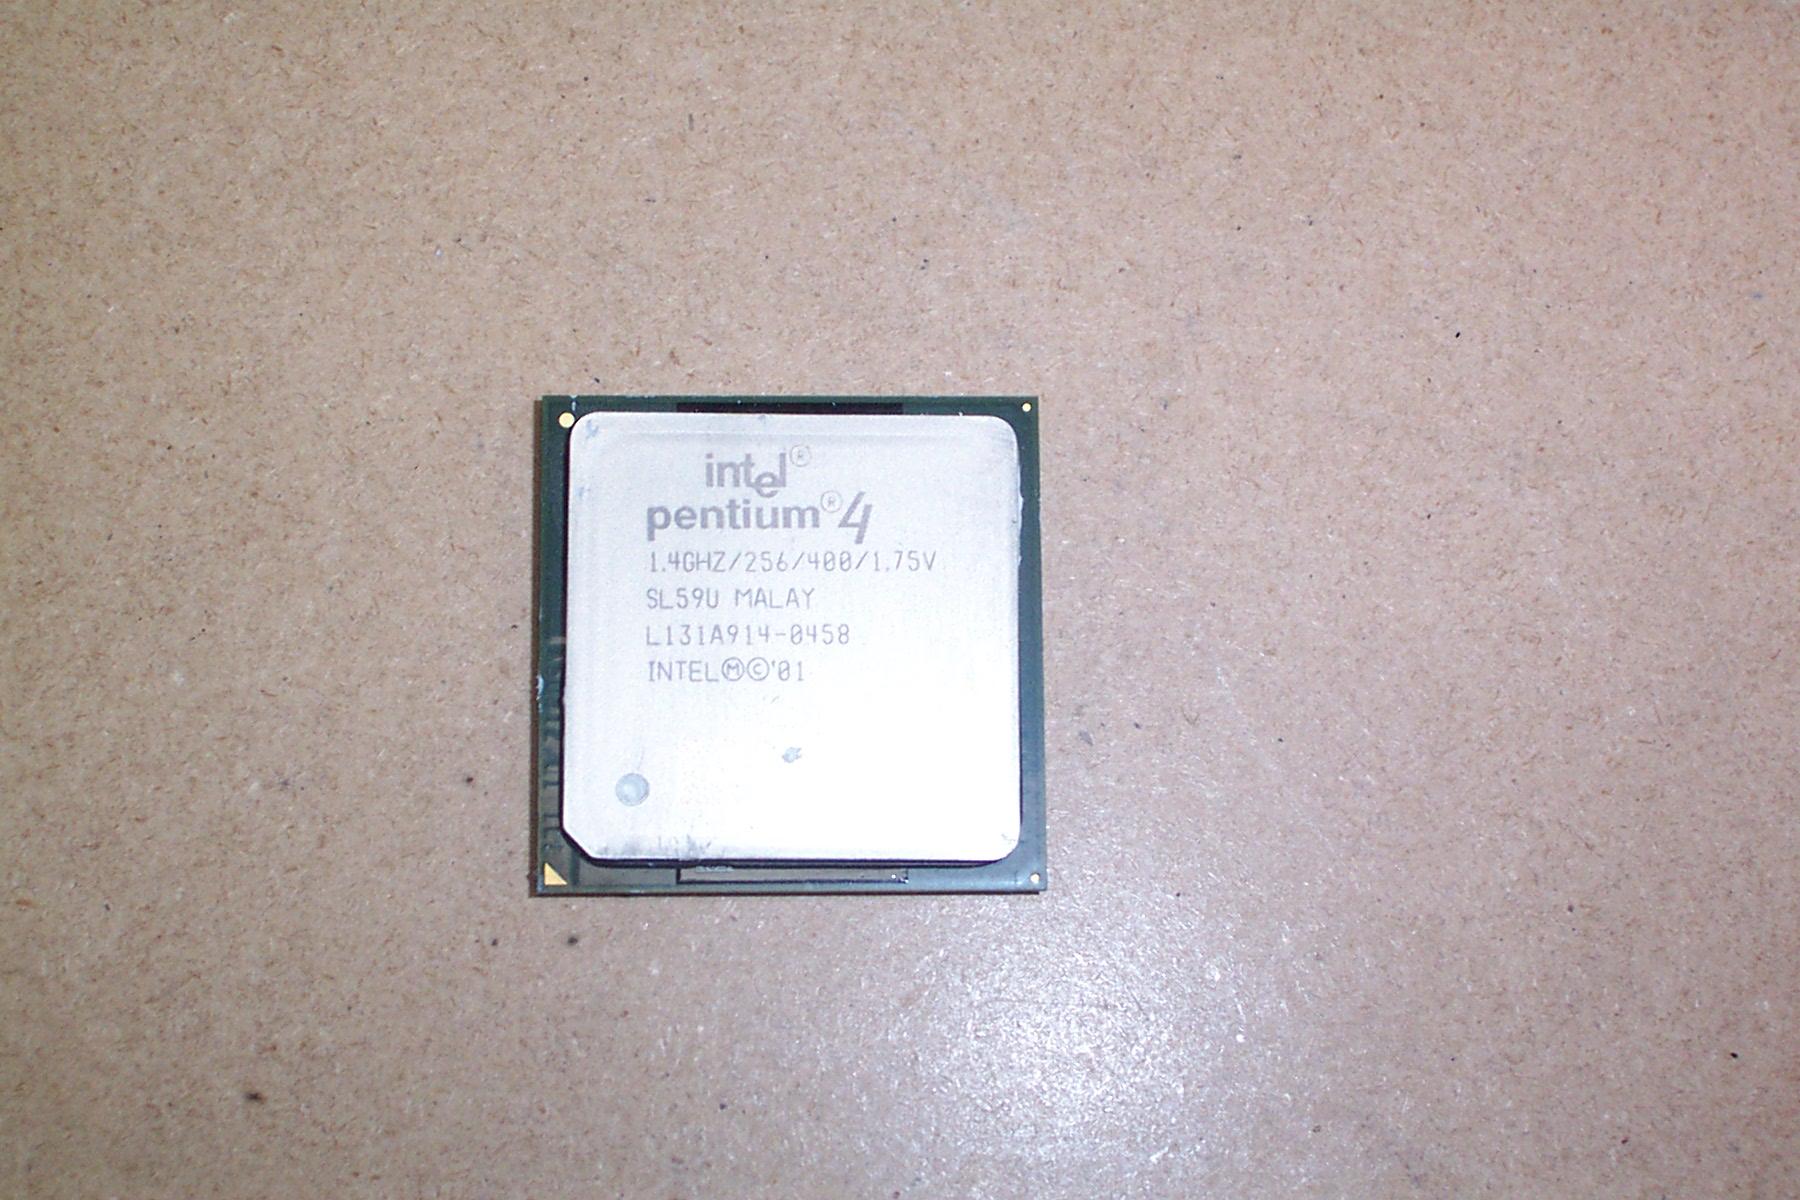 Intel SL59U Pentium 4 1.4GHz Socket 478 Processor